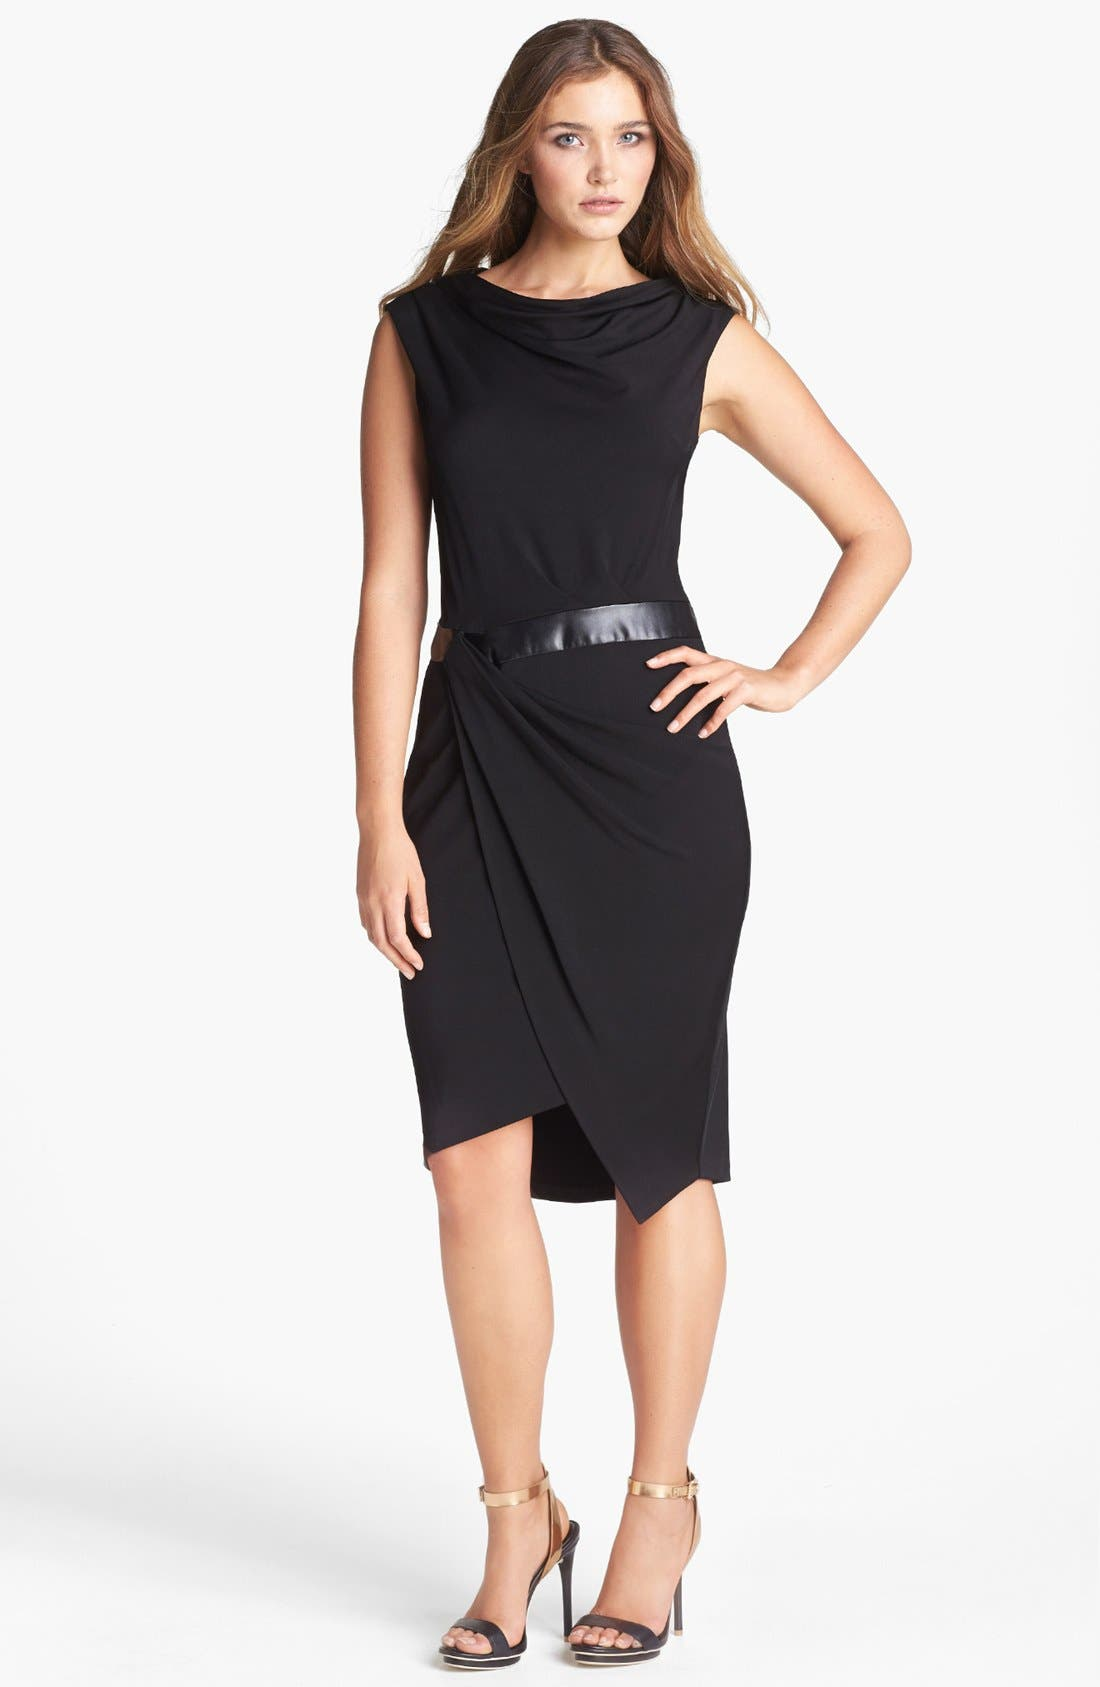 Main Image - Vera Wang Faux Leather Inset Drape Jersey Dress